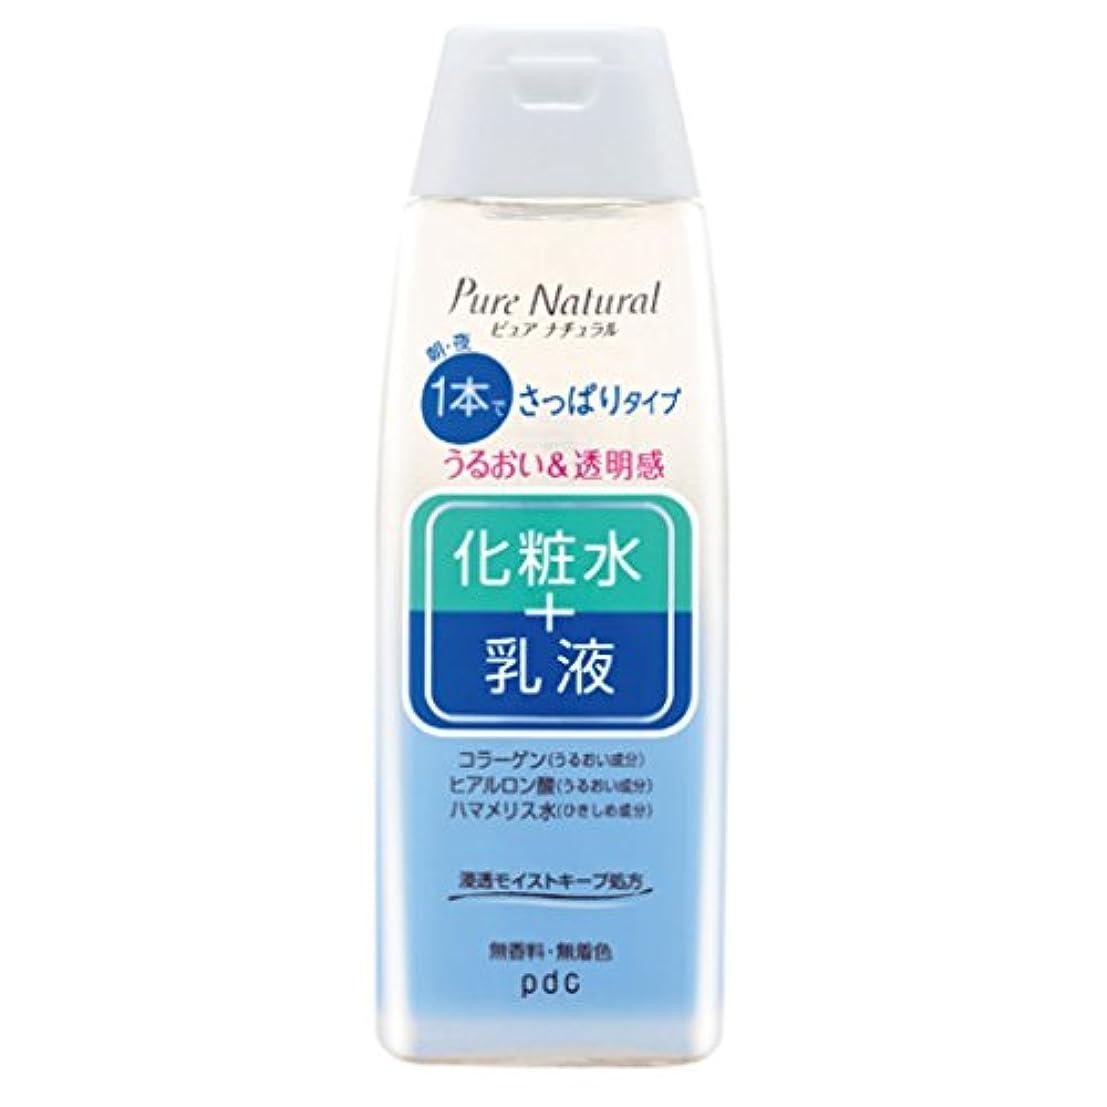 アンペア老朽化した味わうPure NATURAL(ピュアナチュラル) エッセンスローションライト 210ml